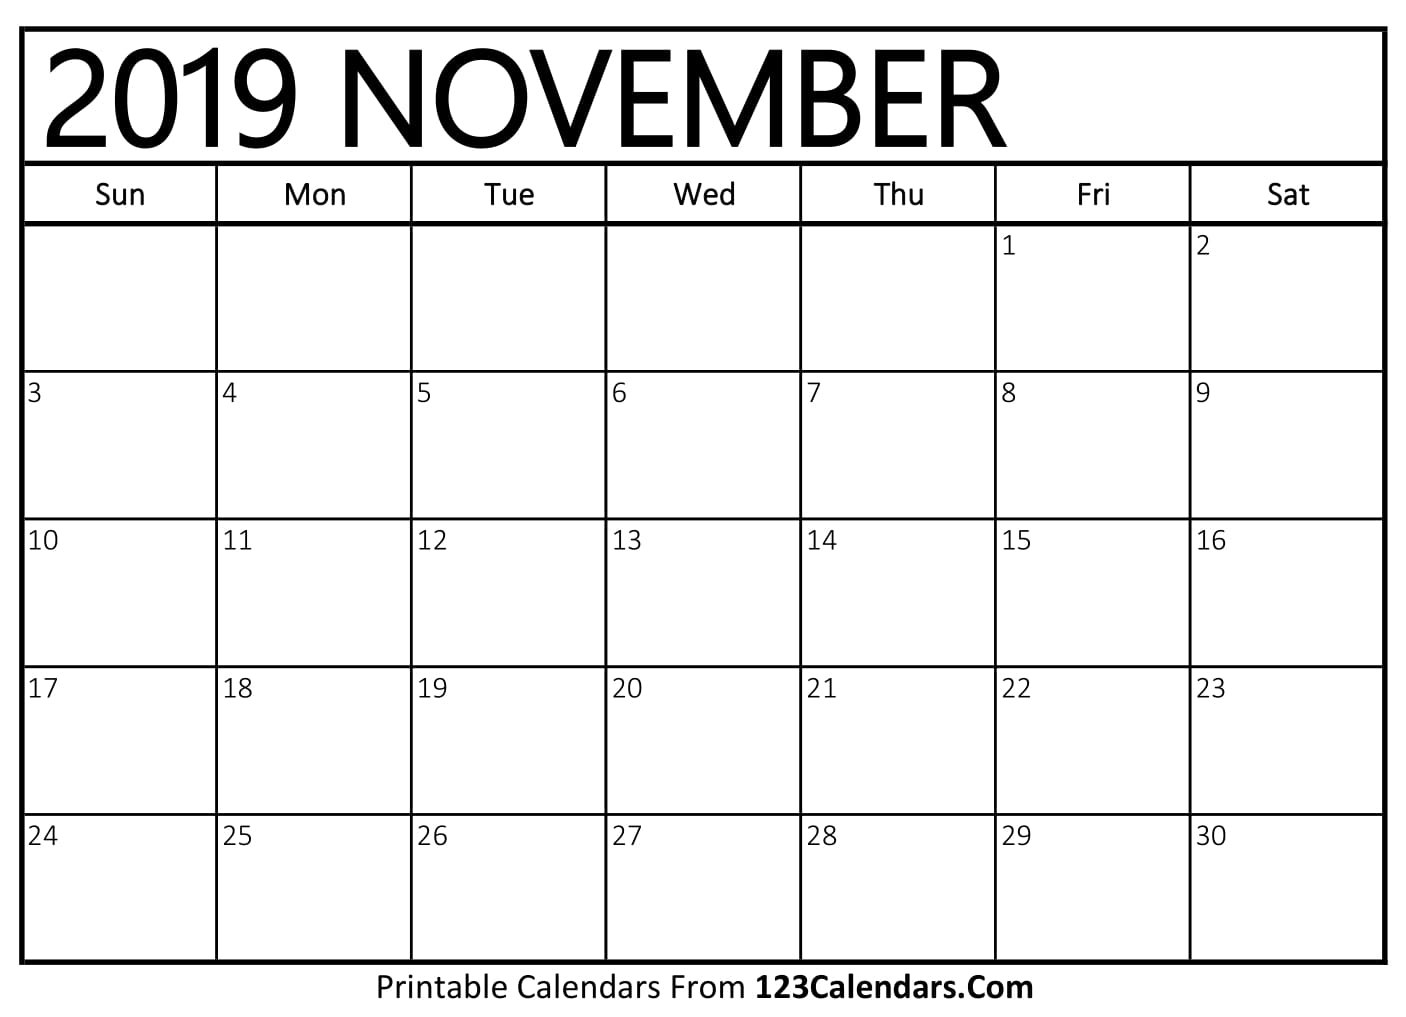 November 2019 Printable Calendar   123Calendars.com